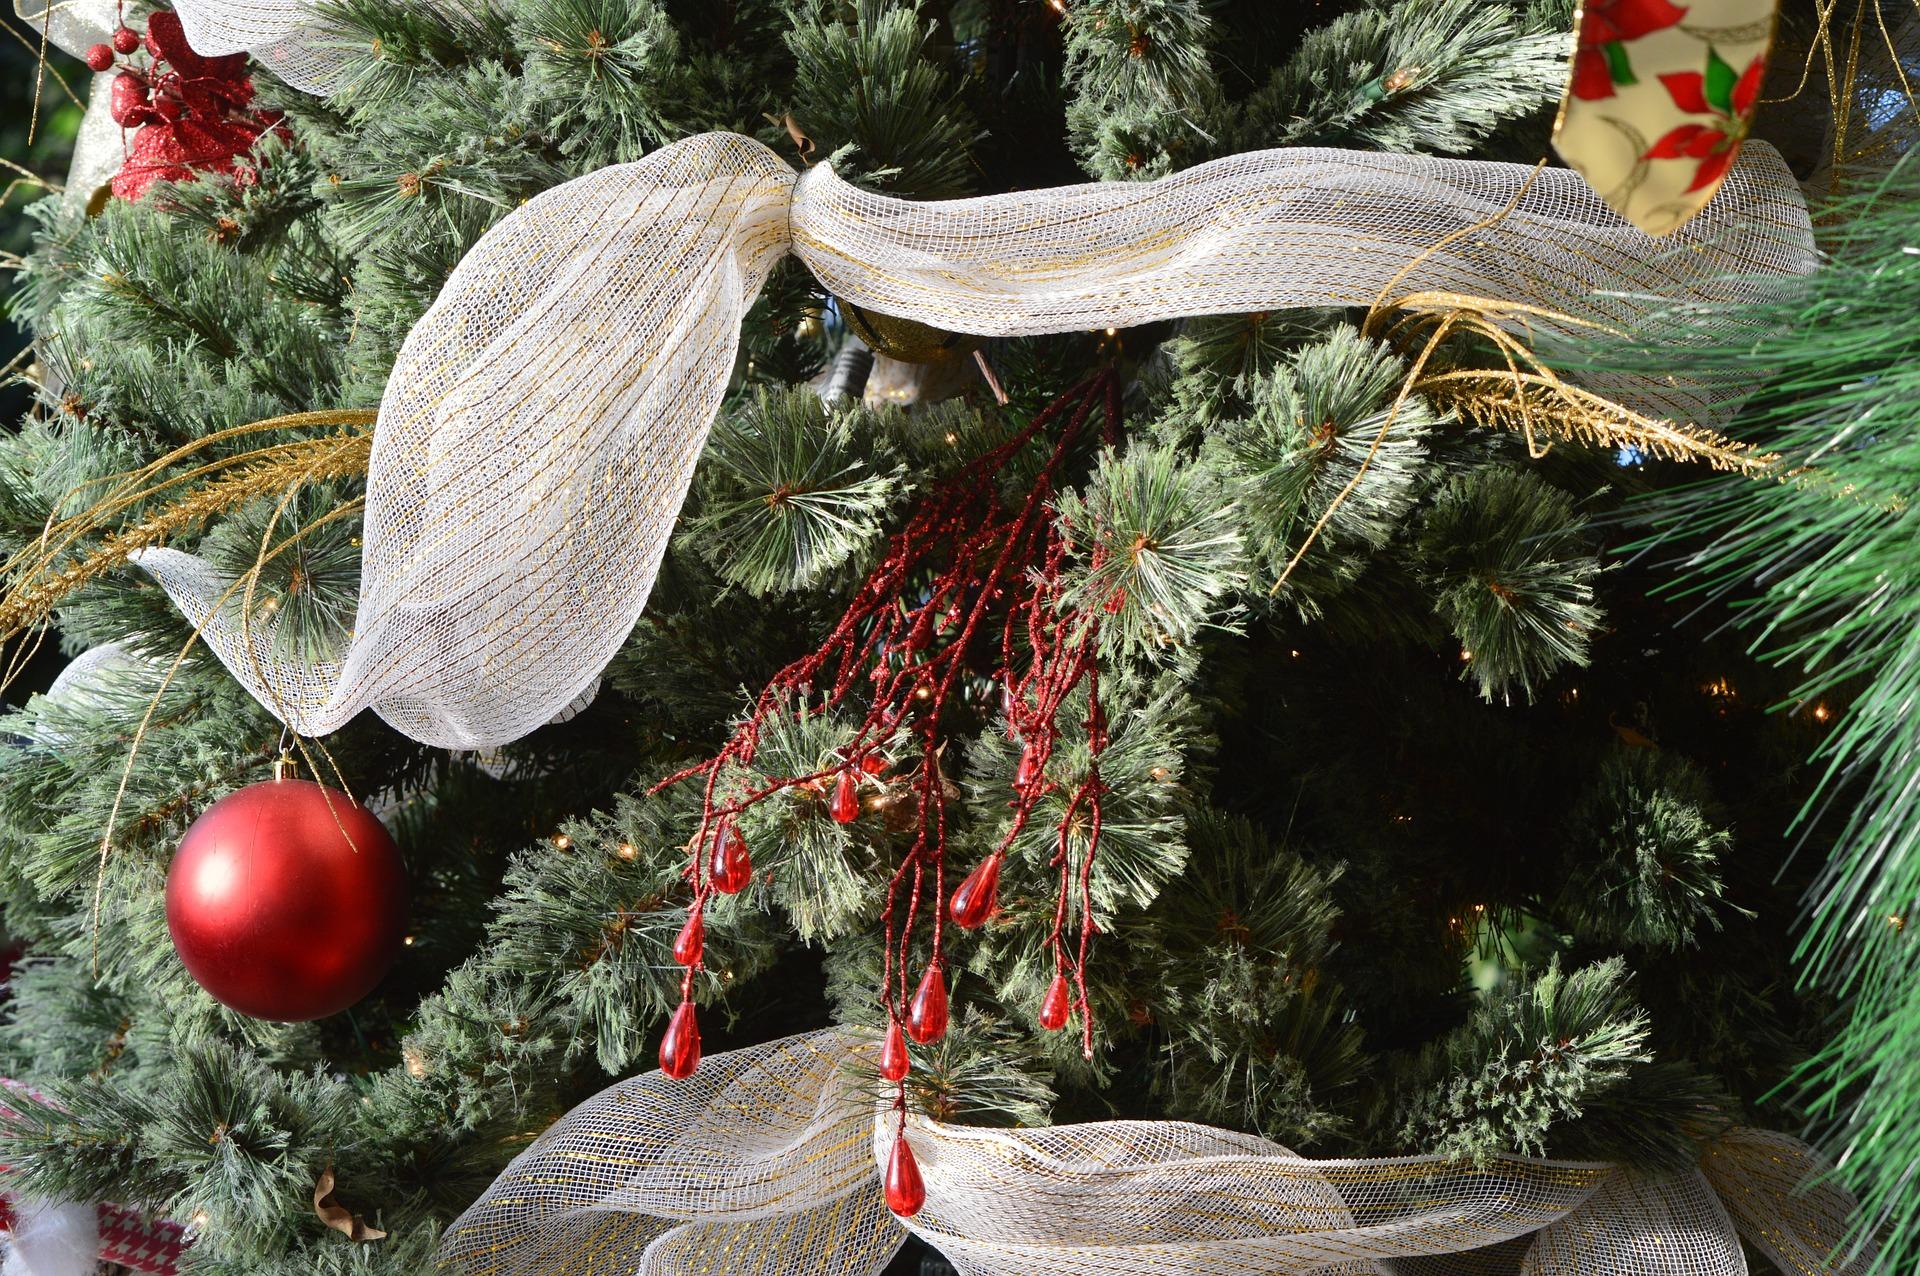 Eccezionale Come decorare gli alberi di Natale con il nastro WF36